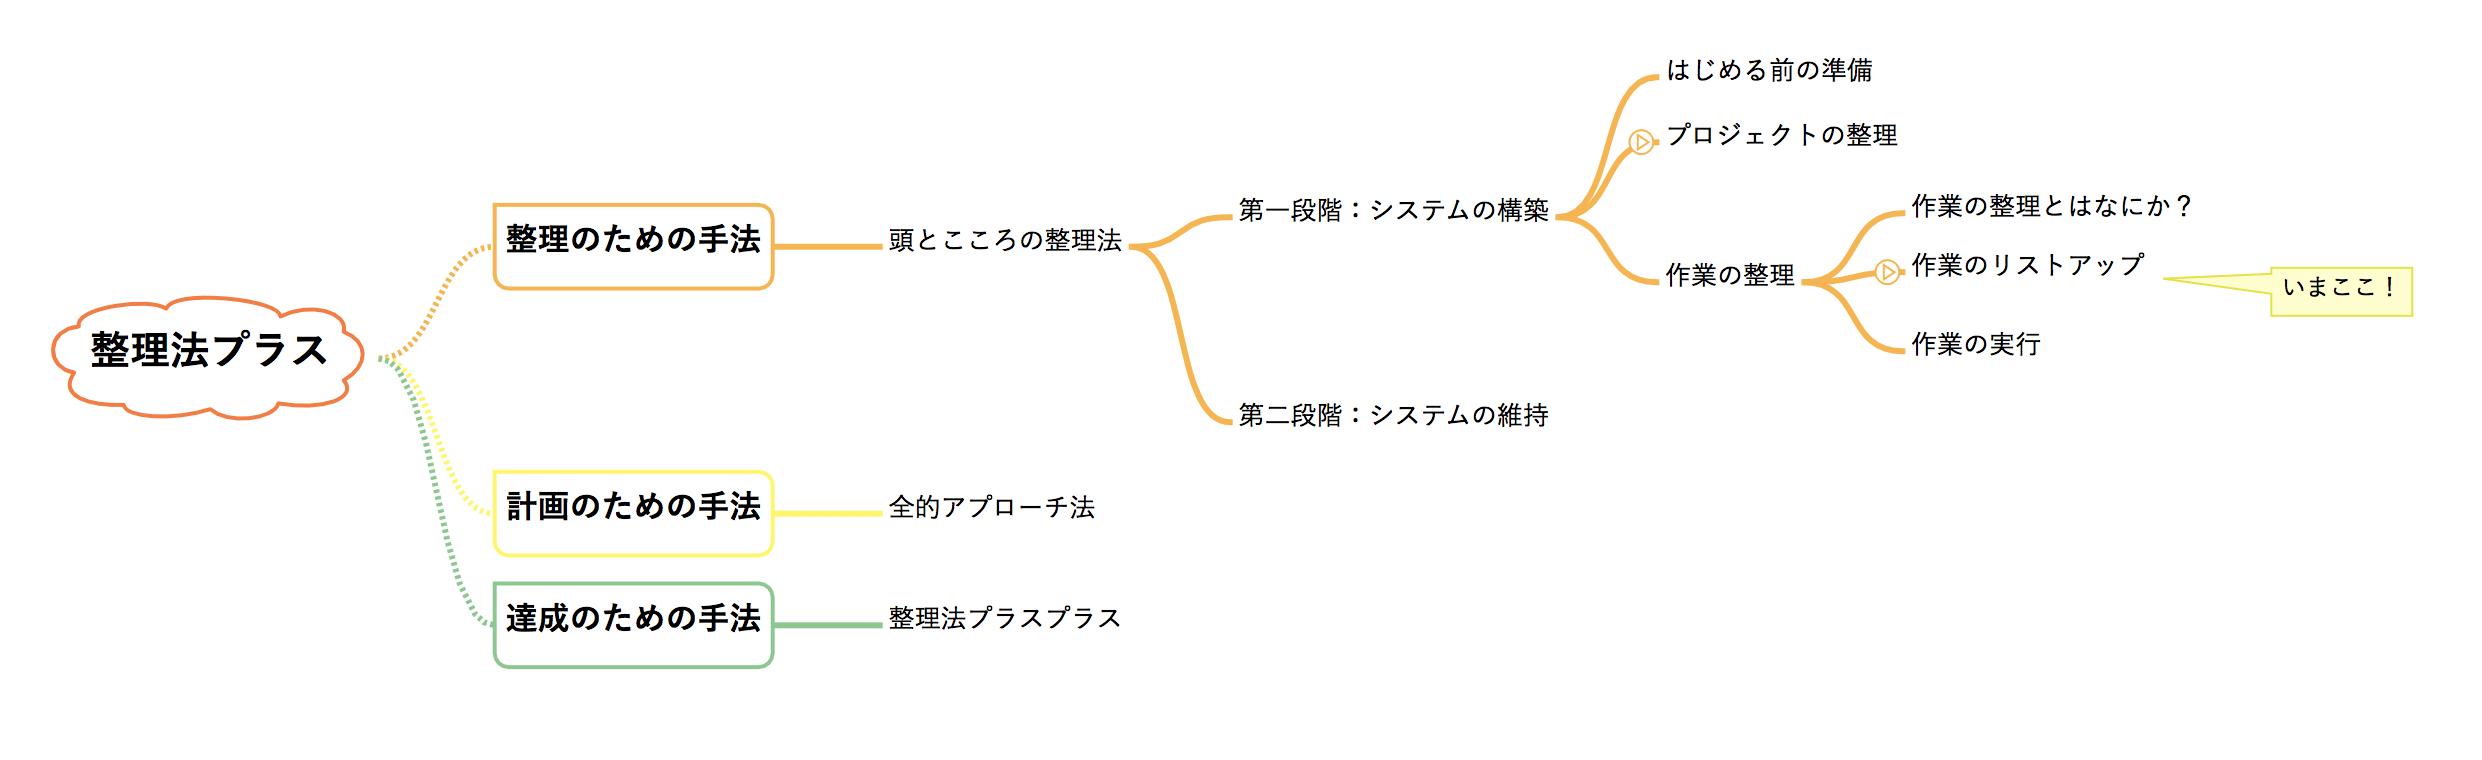 整理法プラス 頭とこころの整理法の作業のリストアップについて